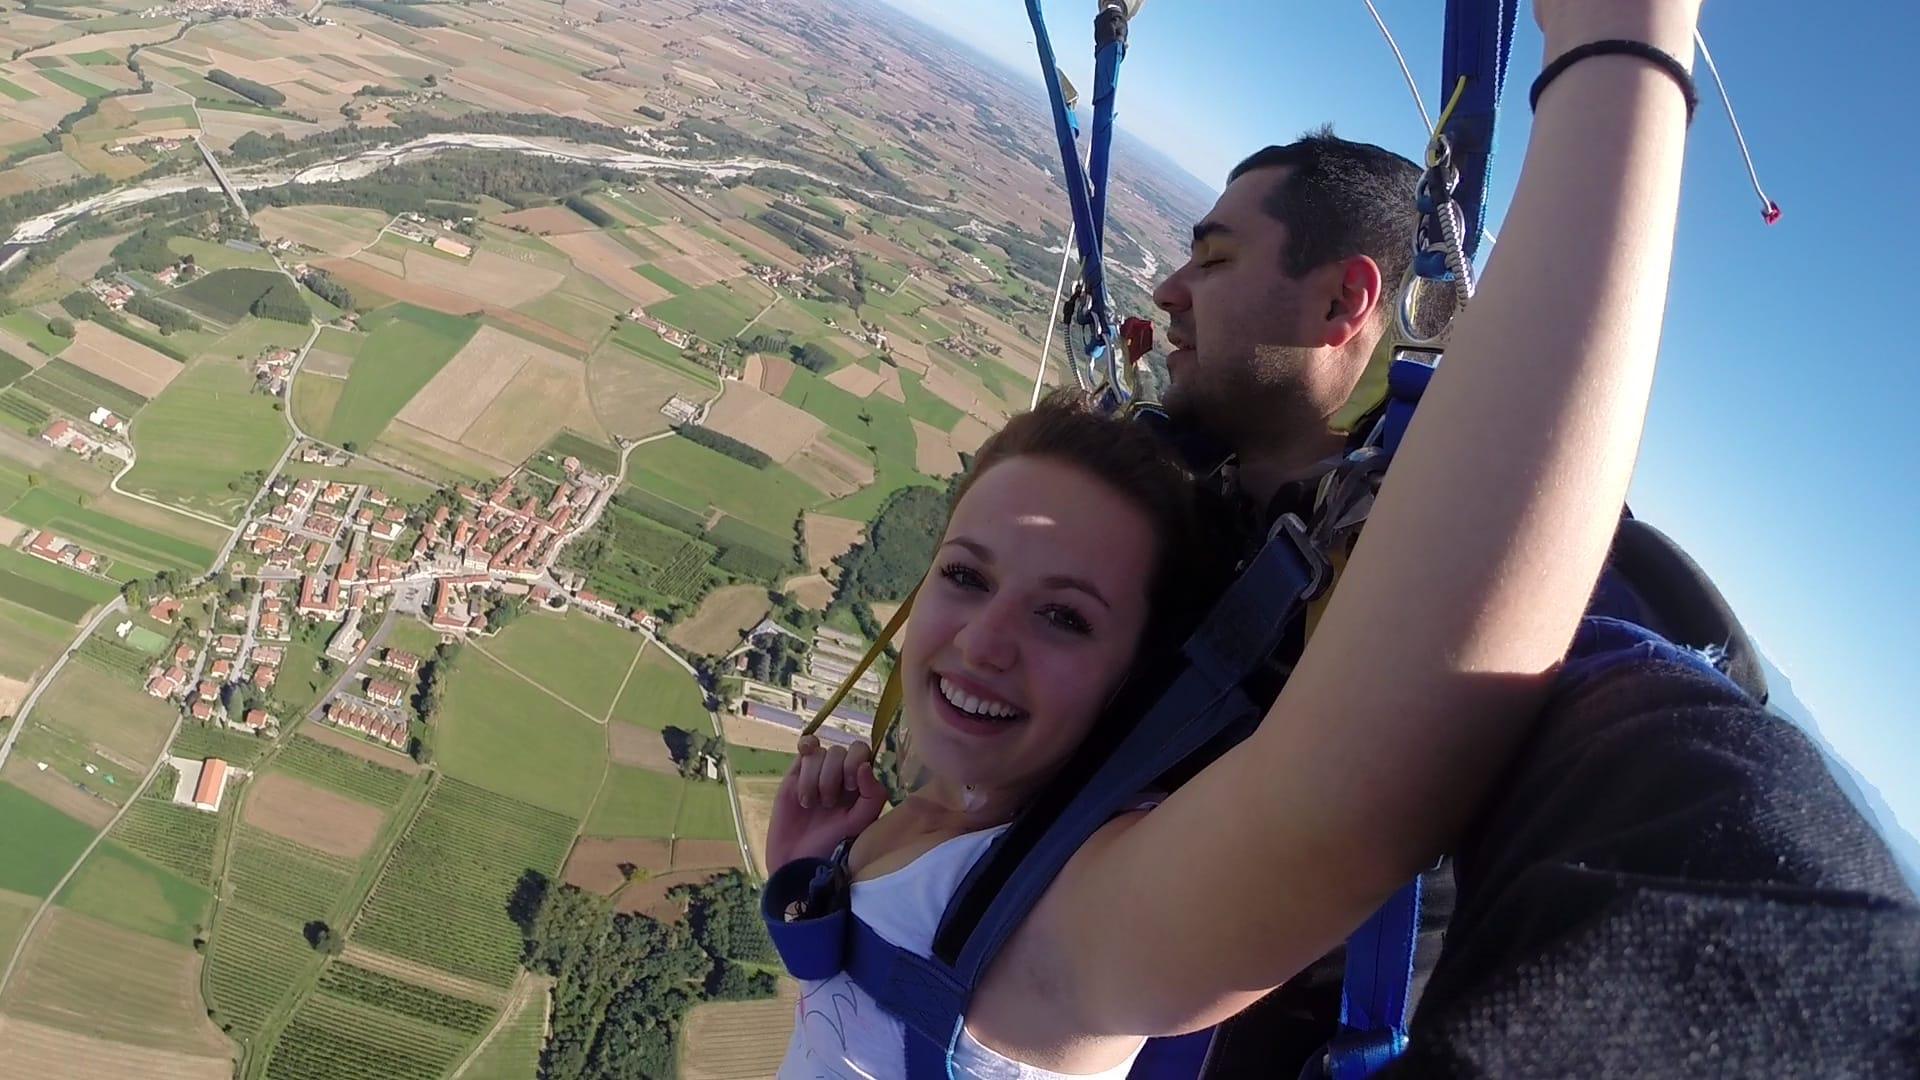 Promo fayence 279 saut tandem air play parachutisme - Saut en parachute bretagne pas cher ...